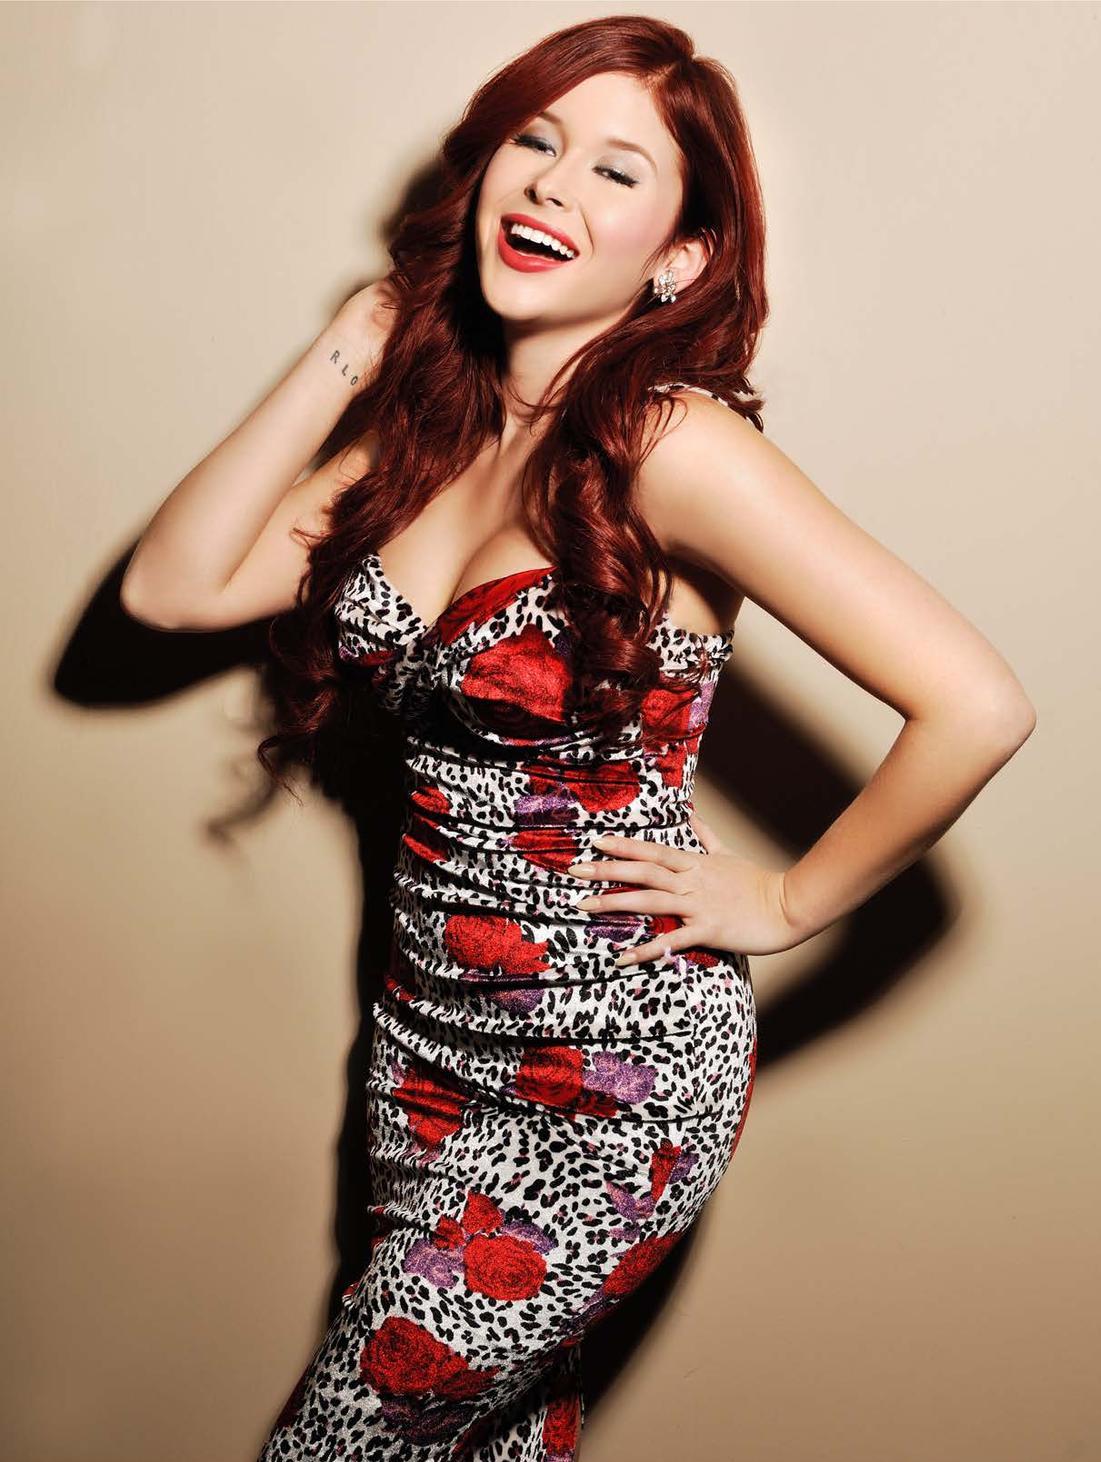 Hollywood Celebrities: Renee Olstead Hot Hd Wallpapers